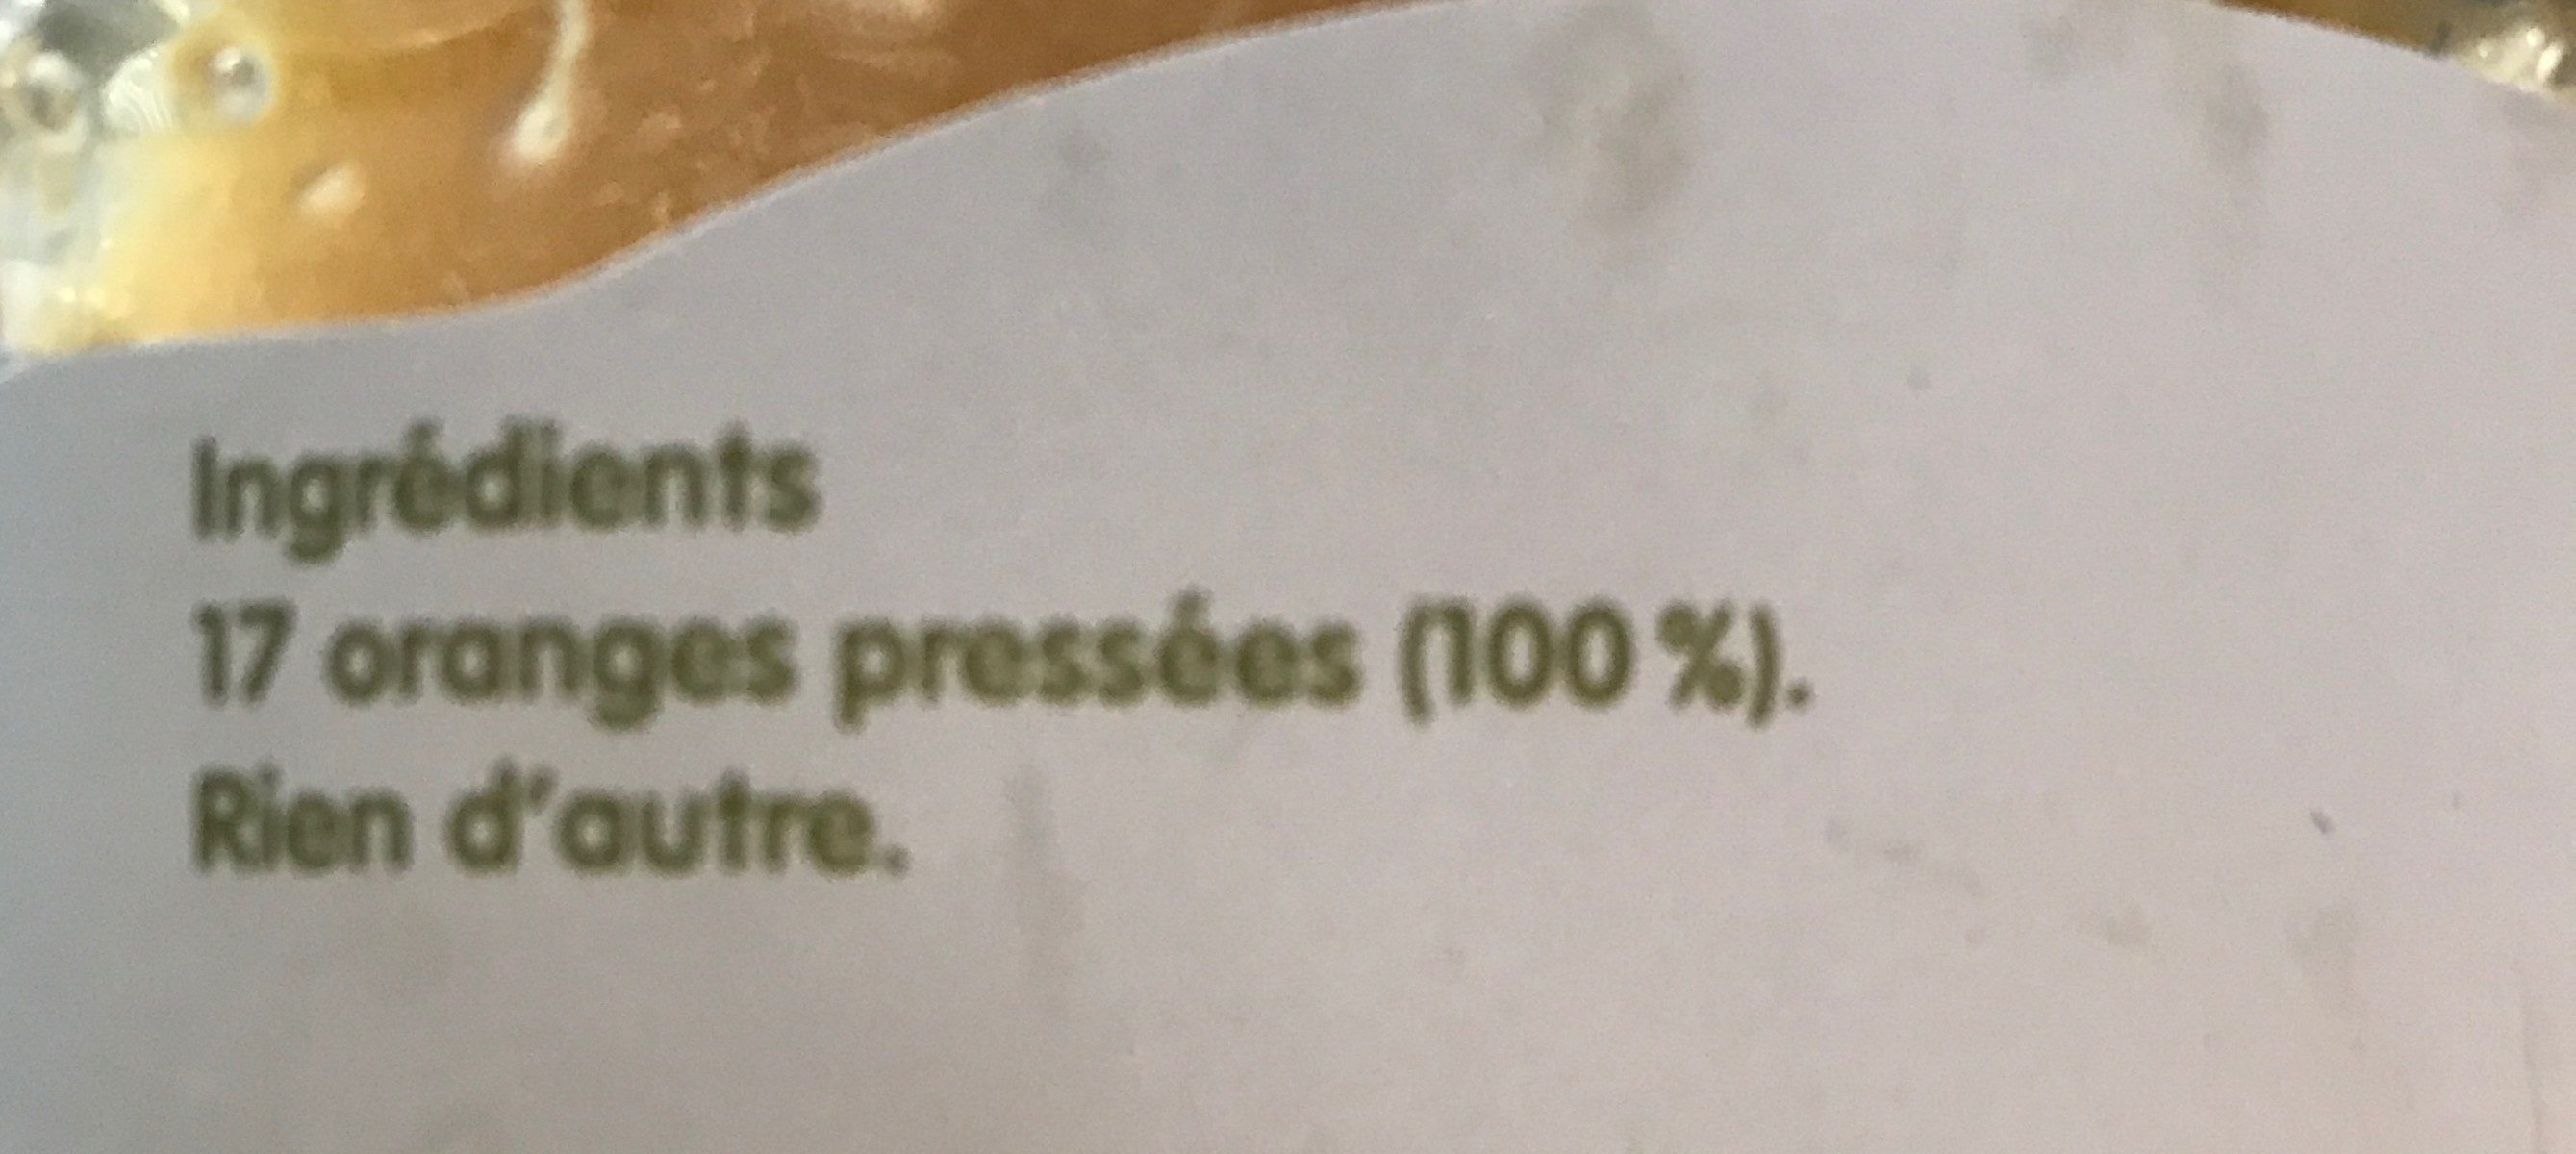 Jus d'orange pressée - Ingrédients